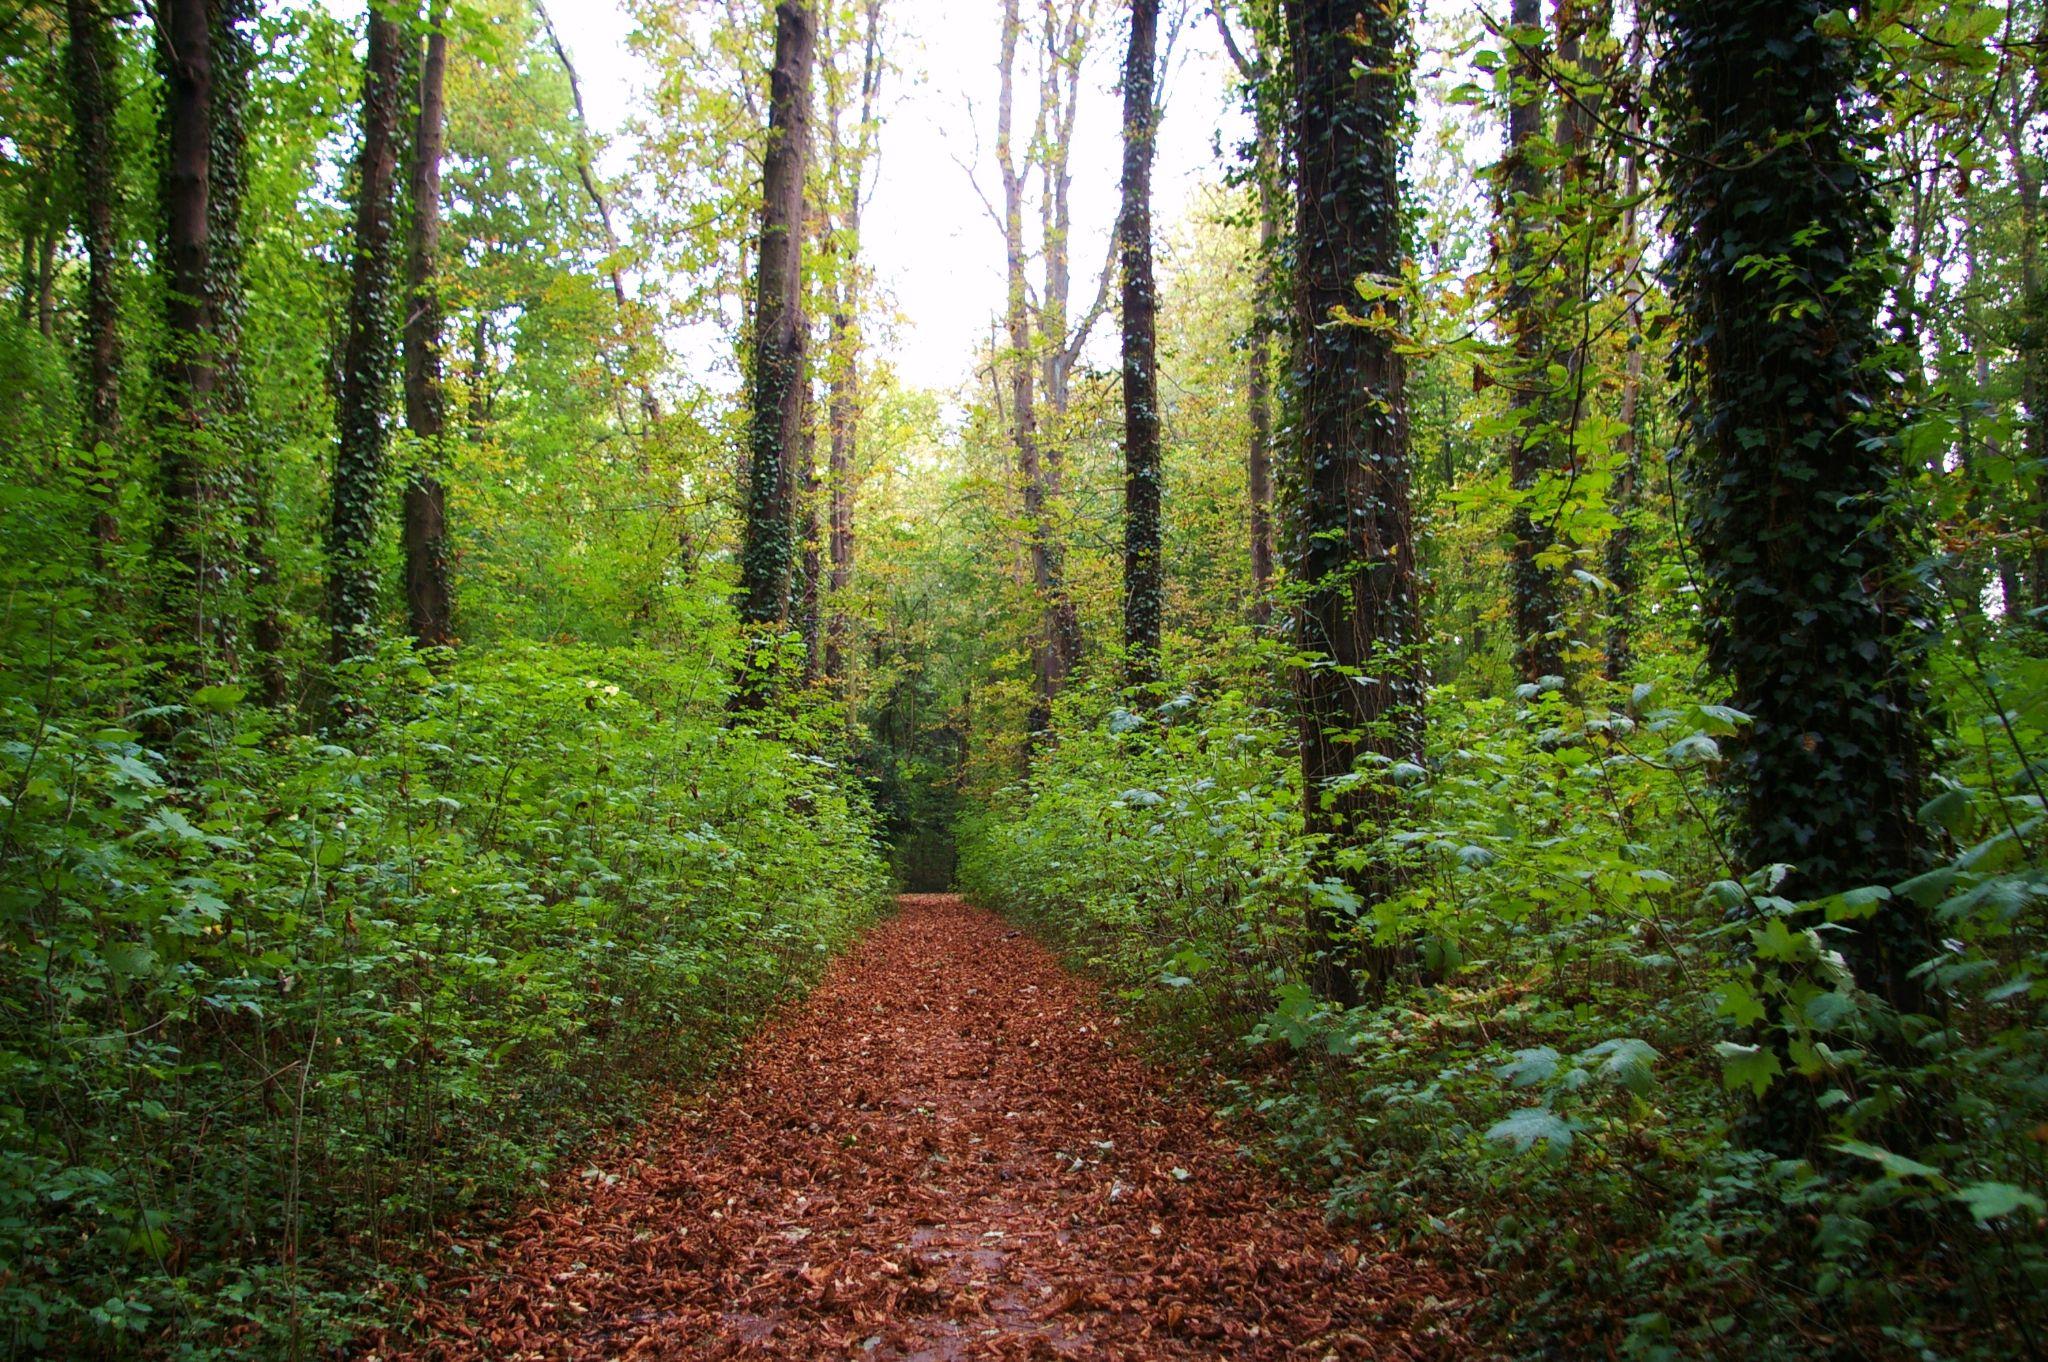 Forêt de marroniers by Bulle2a